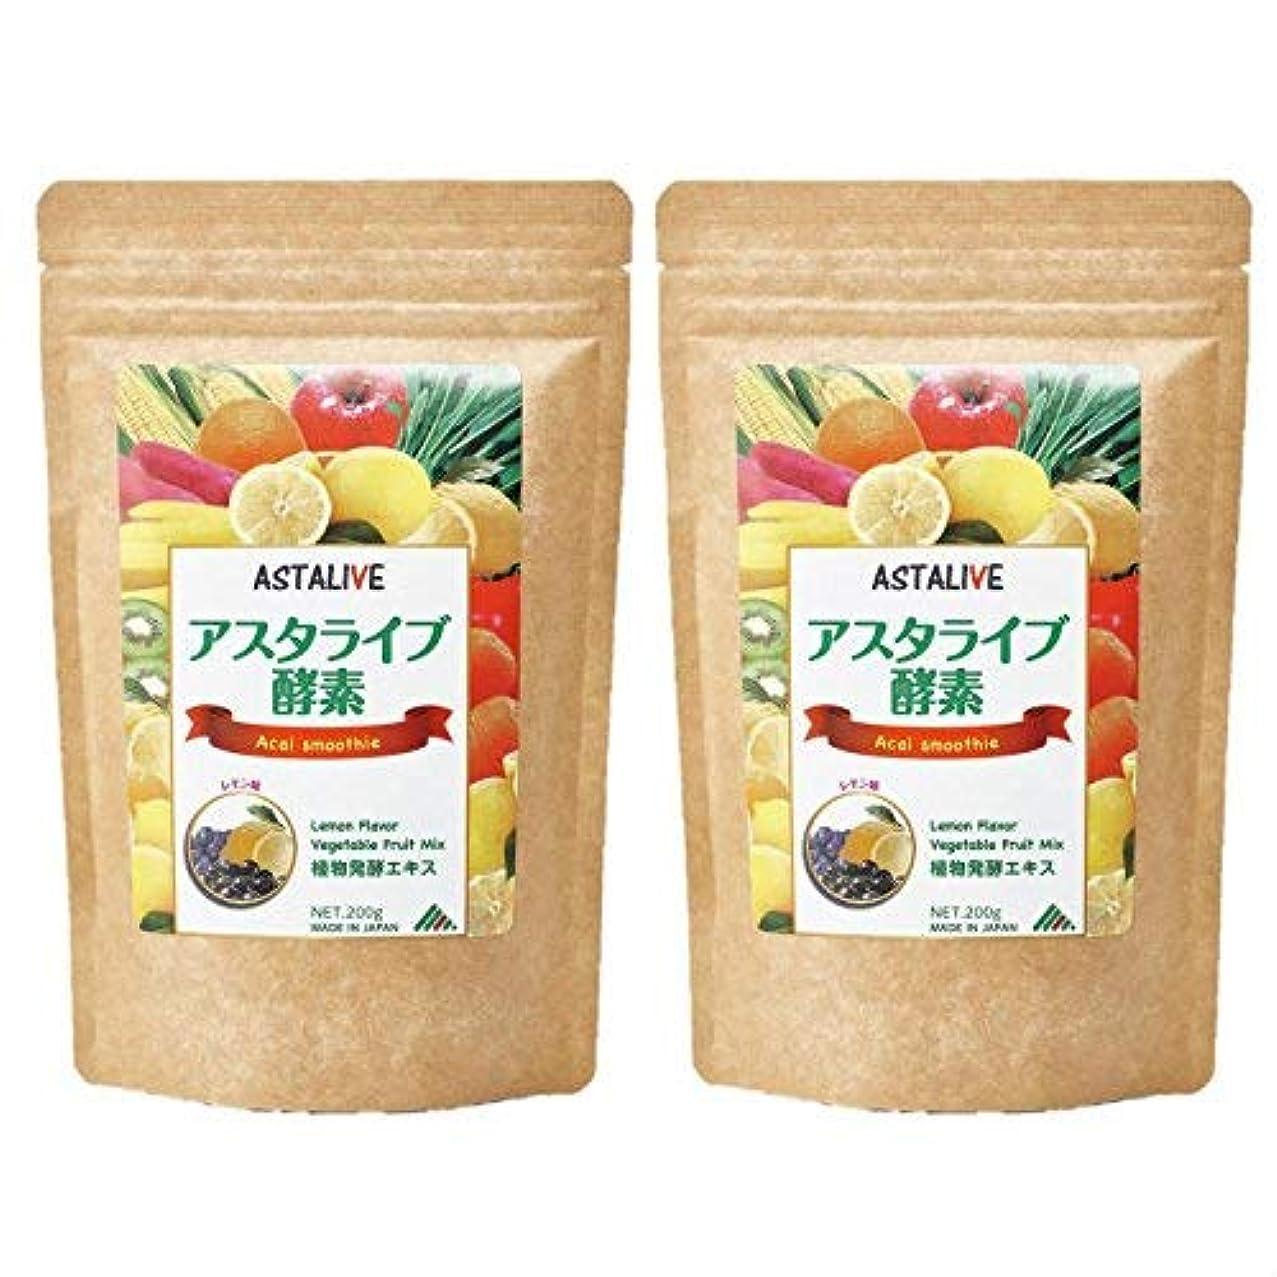 【2個セット】ASTALIVE(アスタライブ) 酵素 スムージー チアシード 乳酸菌 麹菌 入り レモン味 200g (2)